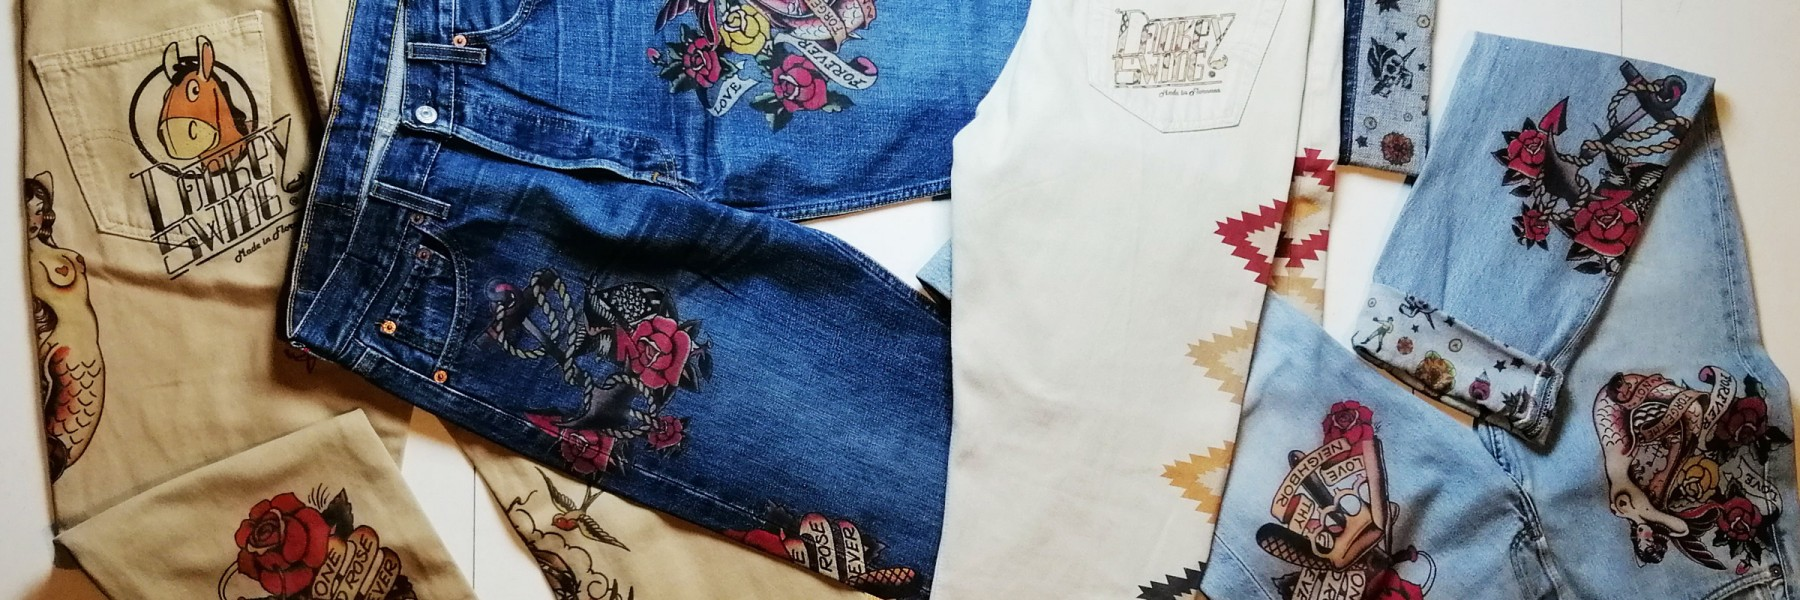 jeans-vintage-levis-501-tattoo